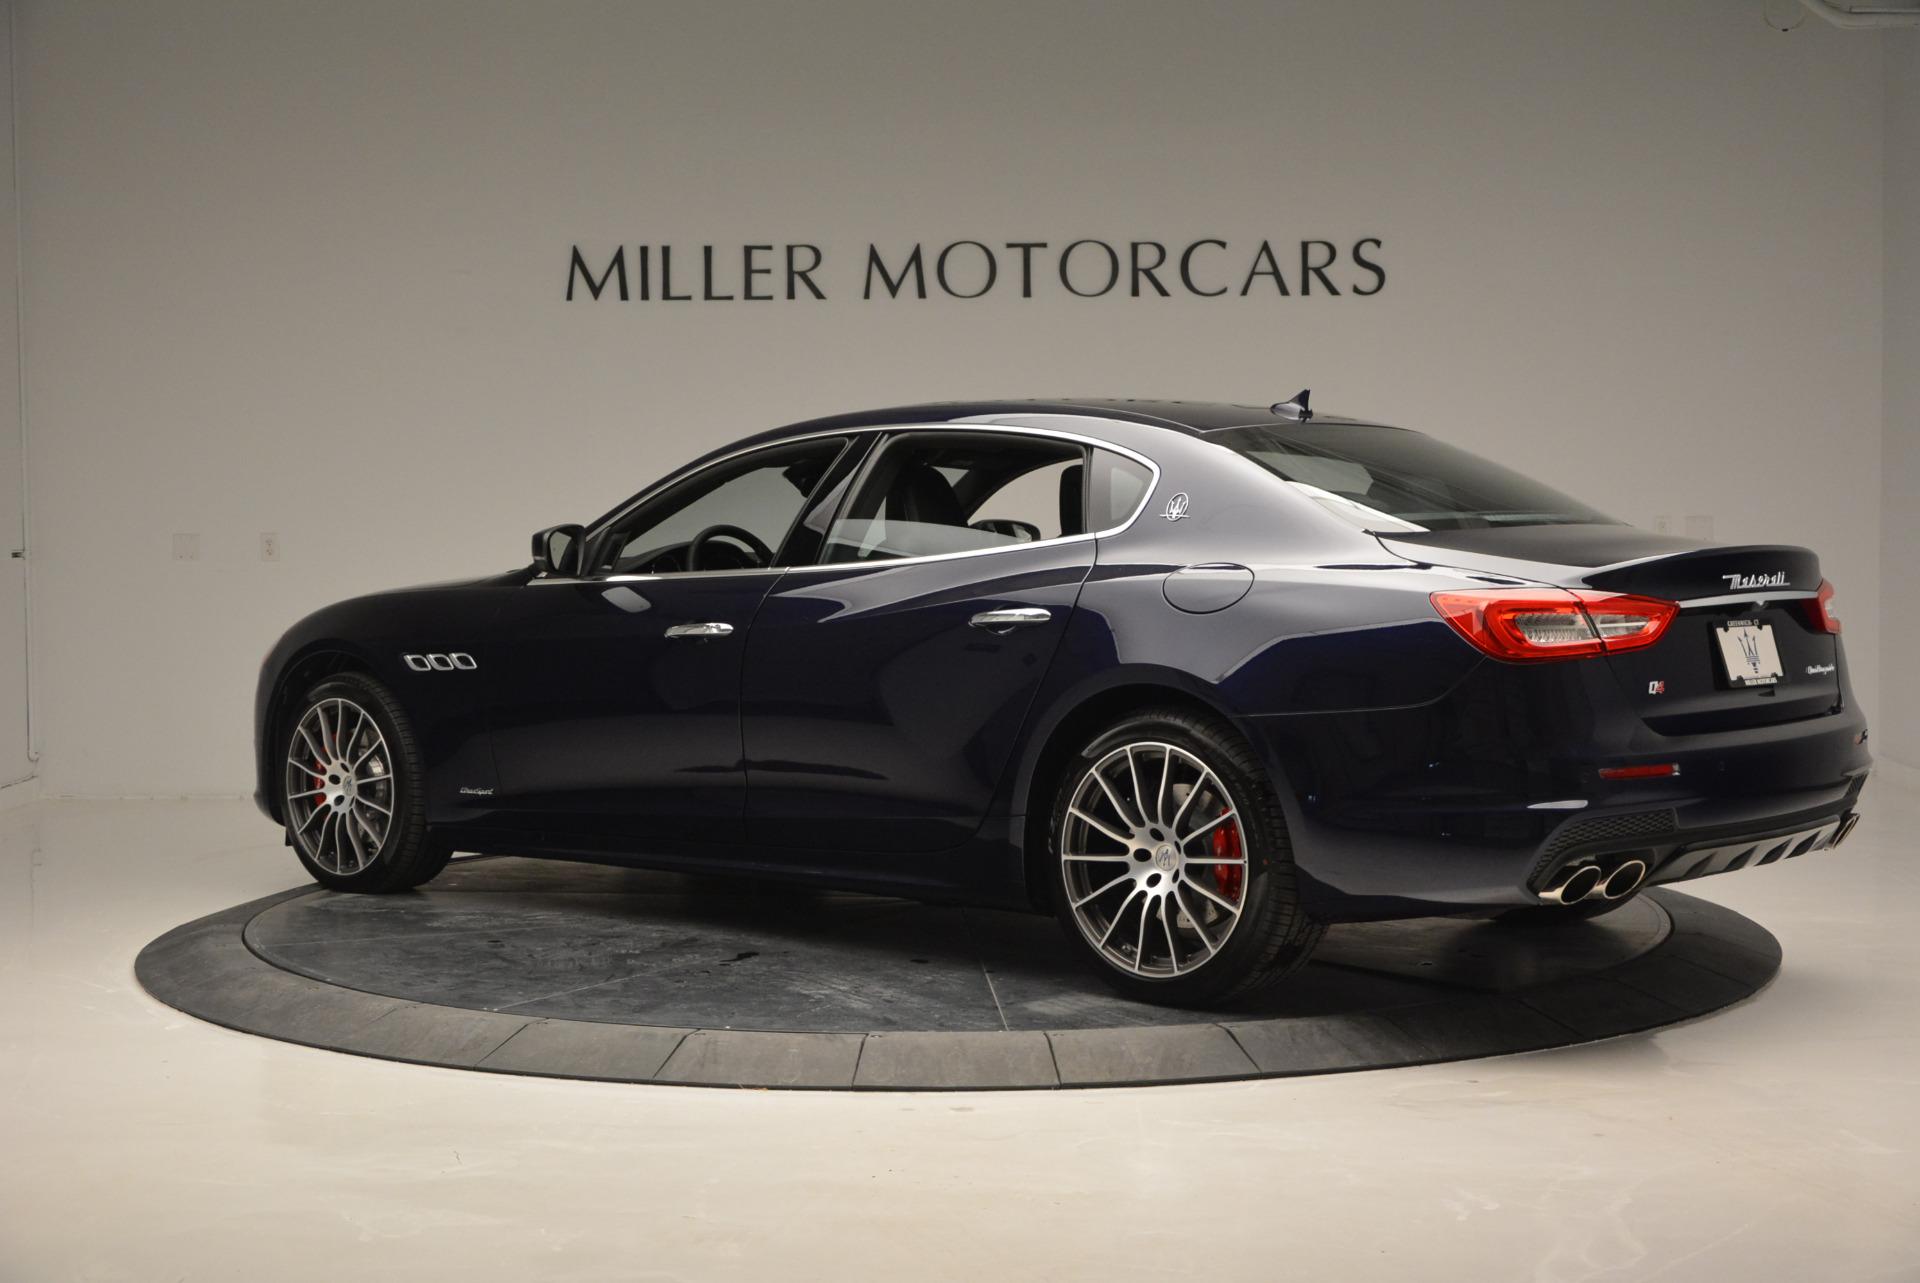 New 2017 Maserati Quattroporte S Q4 GranSport For Sale In Westport, CT 877_p4